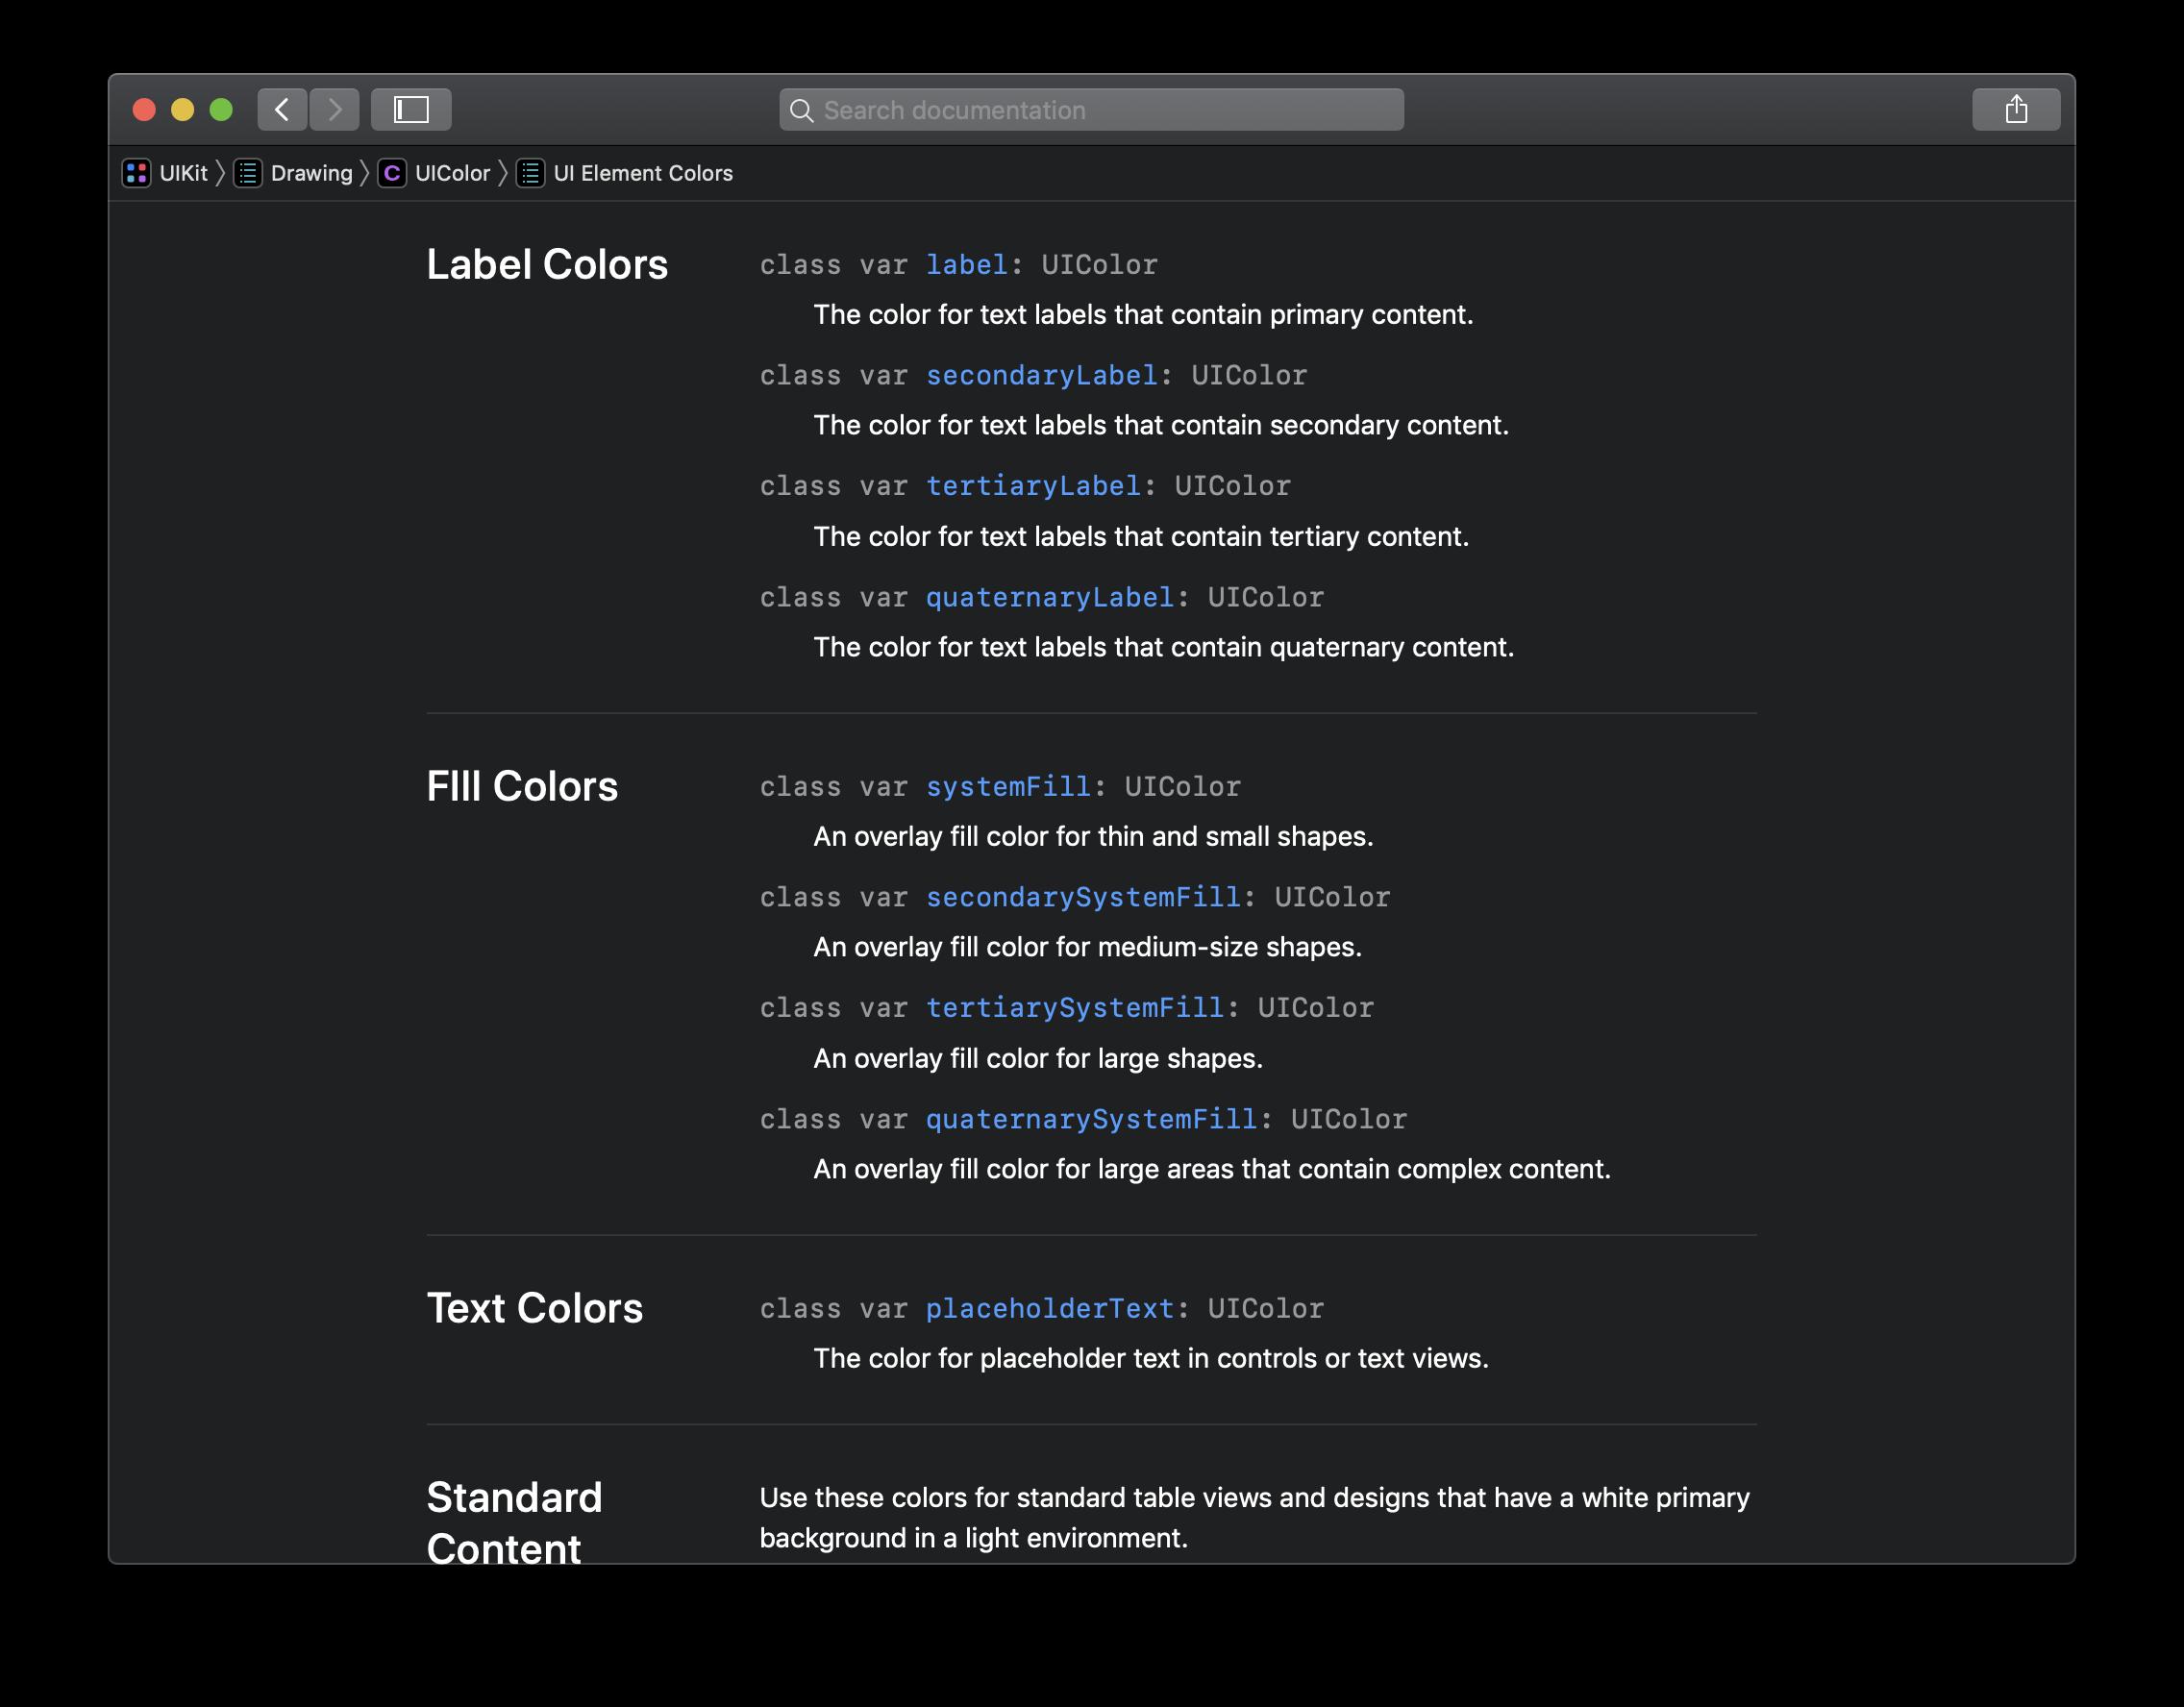 Die Dokumentation zu Dynamic Colors liefert statt einer exakten Farbangabe eine Beschreibung und nennt den typischen Einsatzzweck.